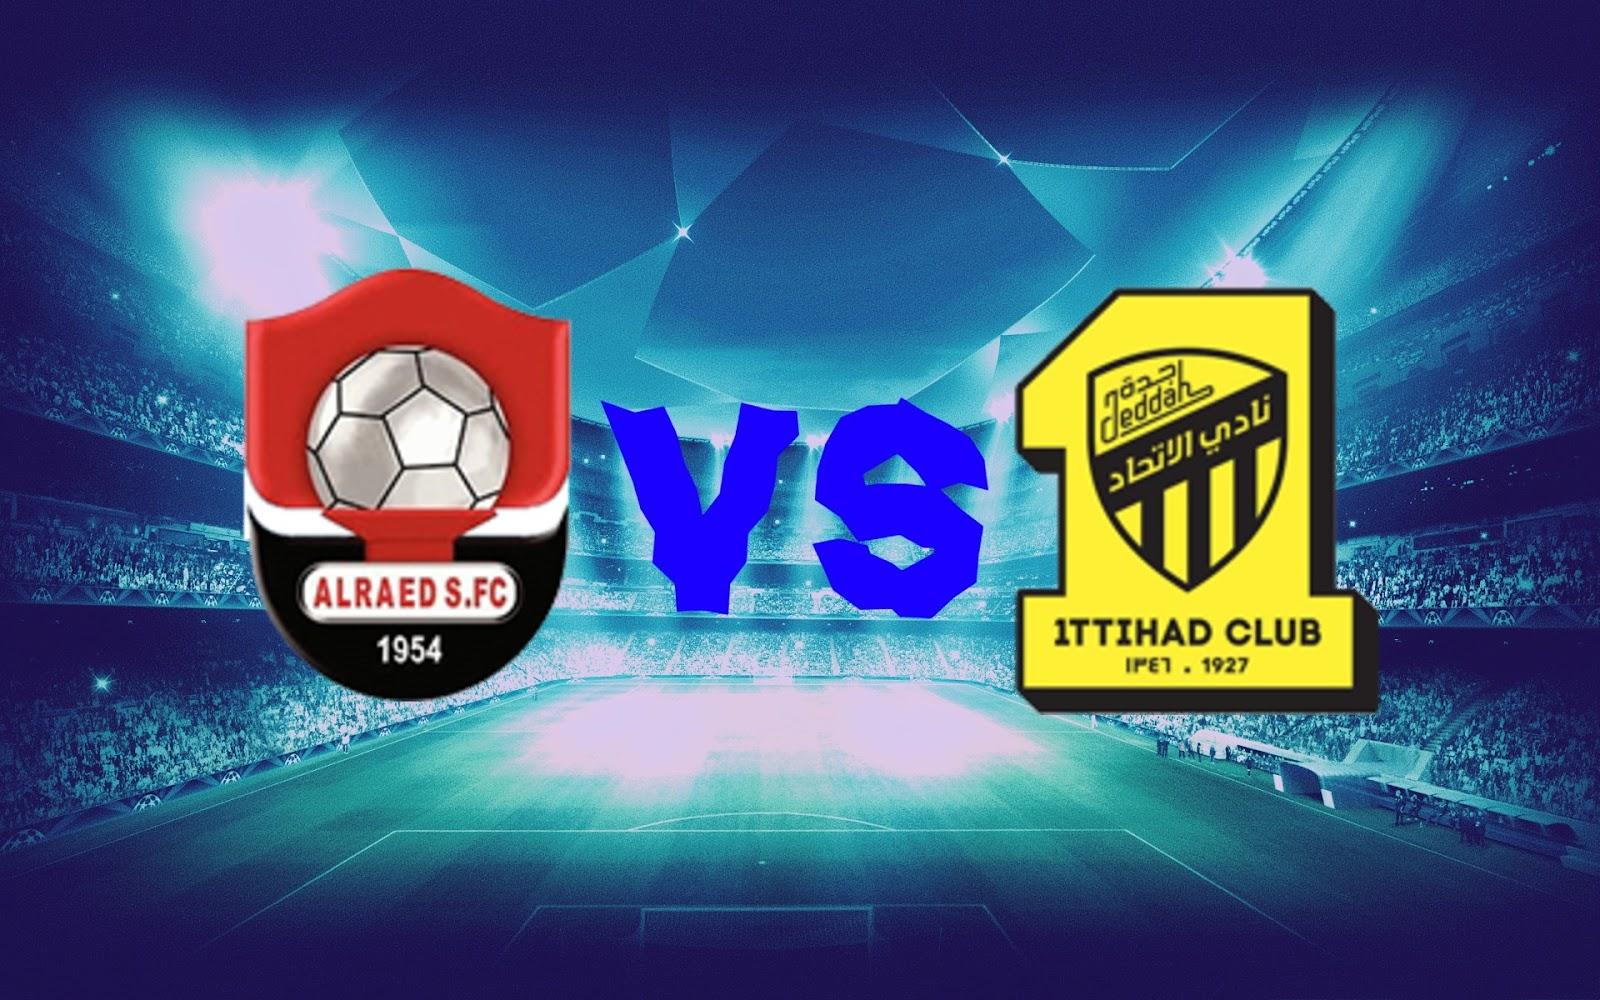 نتيجة مباراة مباراة الاتحاد والرائد اليوم 16-08-2021 الدوري السعودي